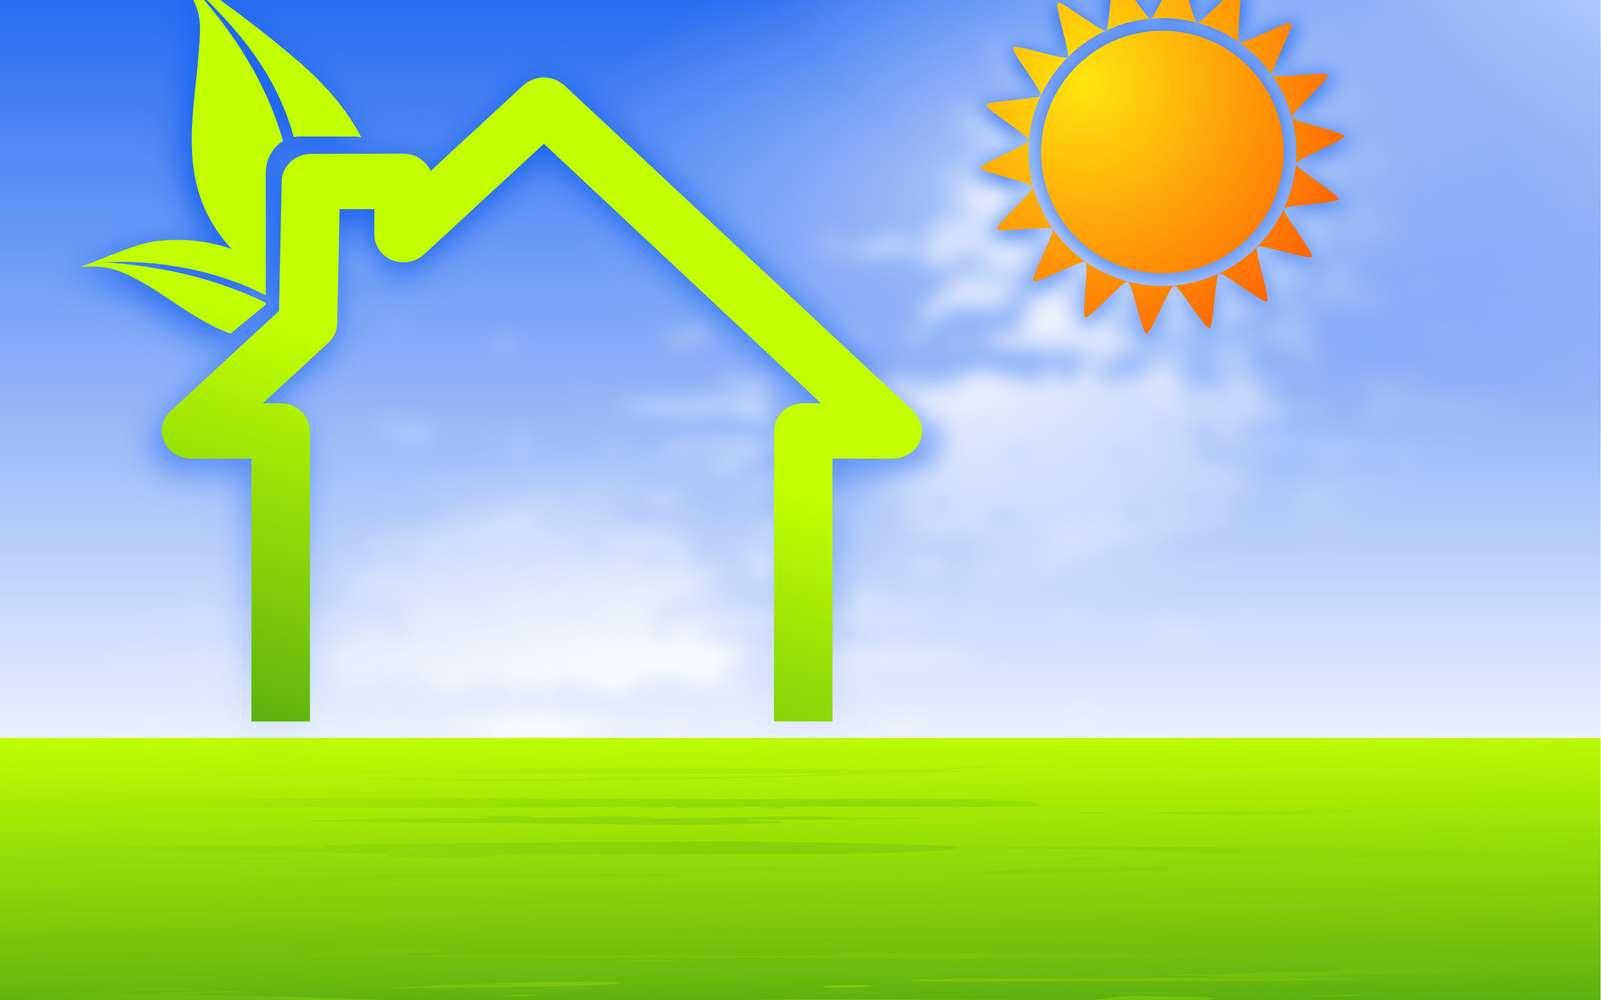 Une maison à basse consommation d'énergie doit être économe sur cinq postes principaux : eau chaude, refroidissement, ventilation, chauffage et éclairage. © Ainoa - Fotolia.com